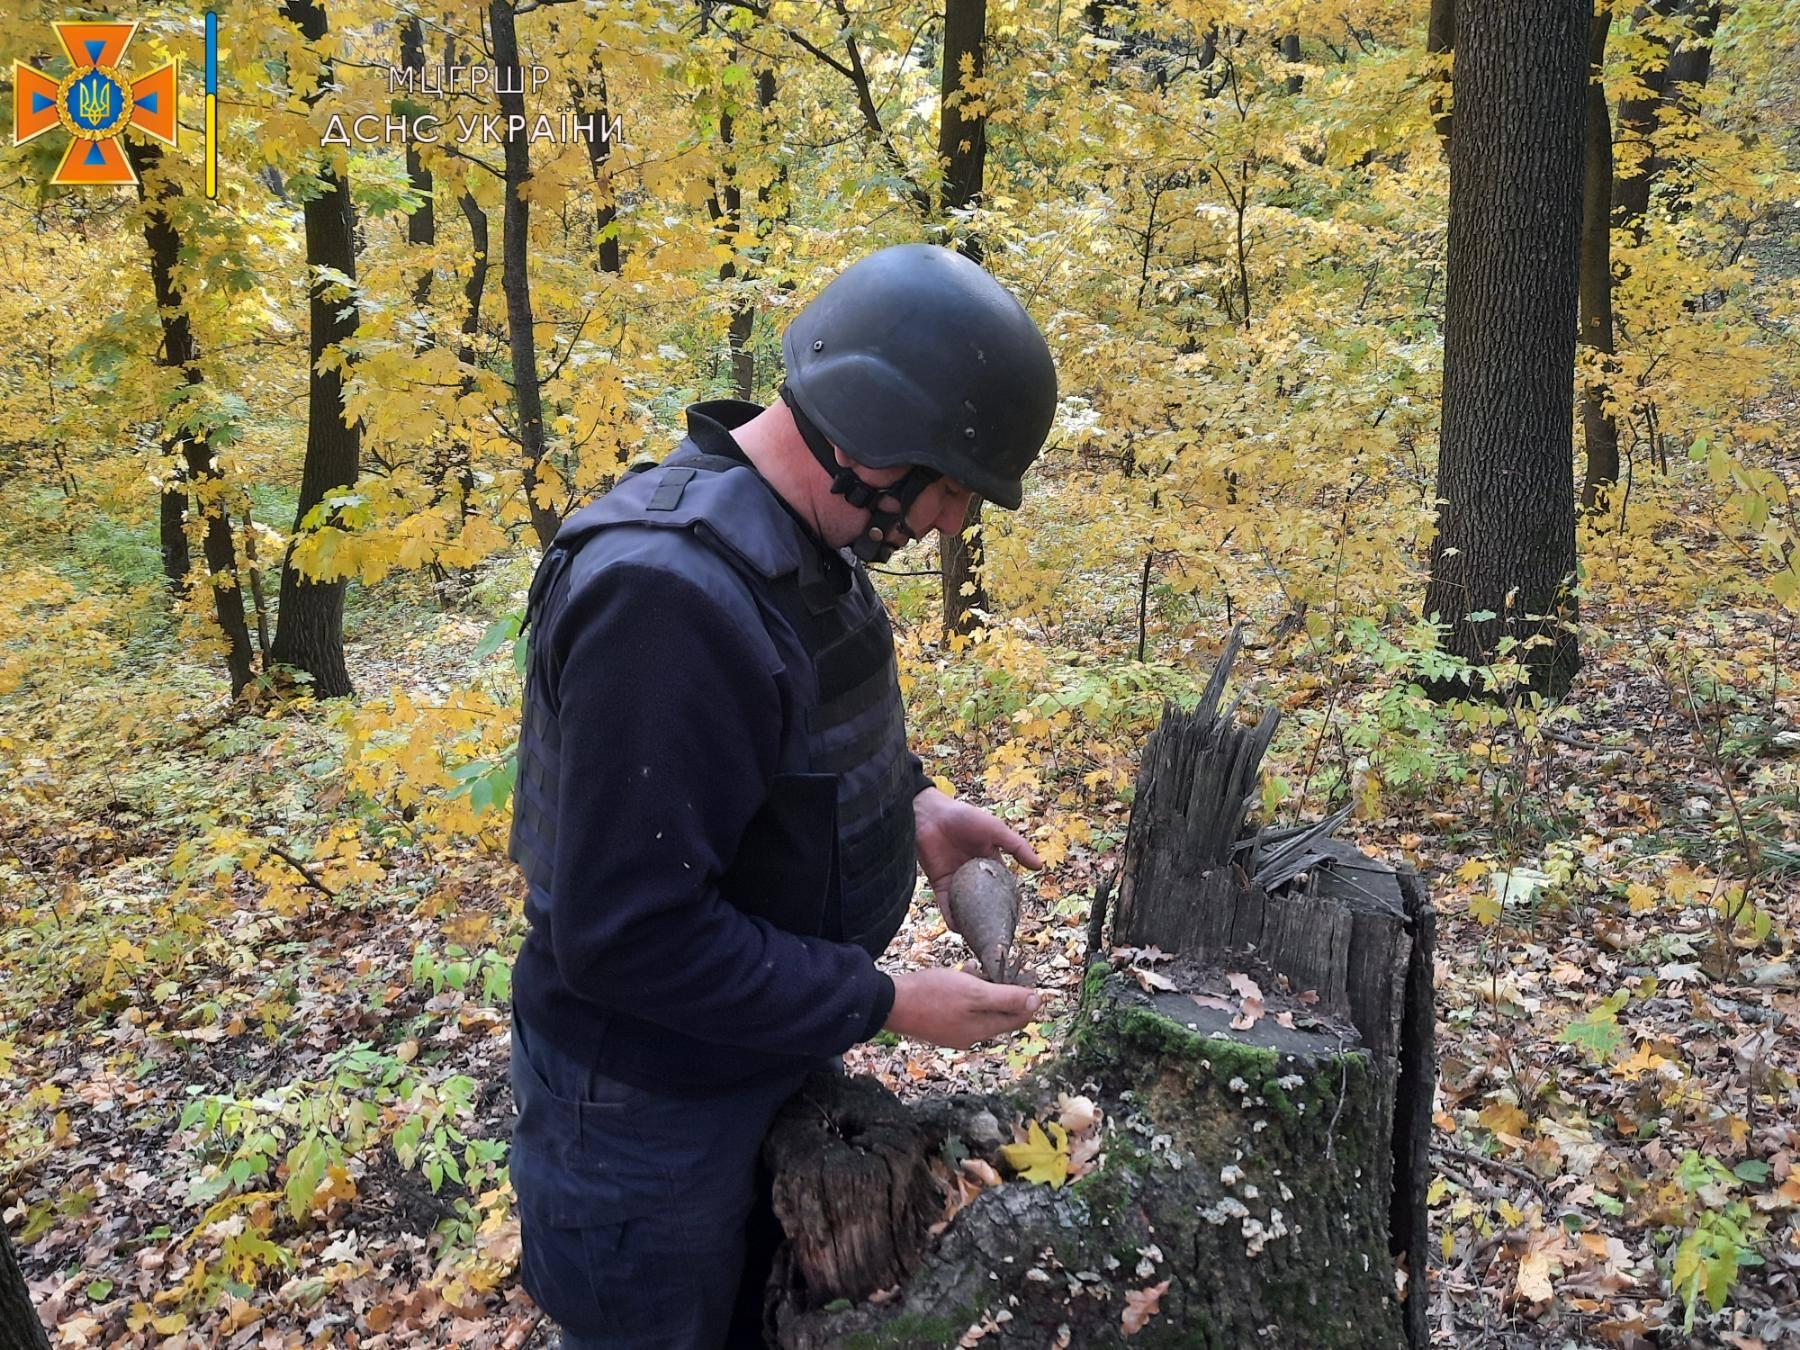 На Харьковщине взорвали 28 боеприпасов (фото)